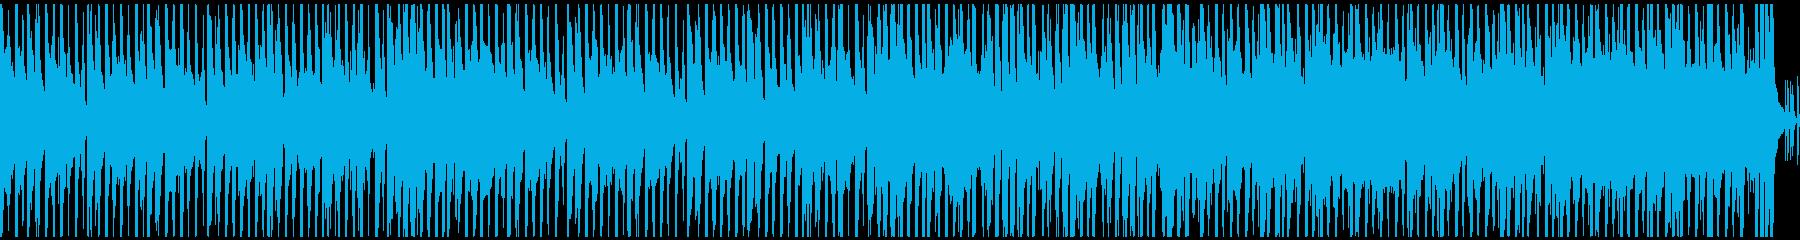 ハッピー&ポップな曲(ループ)の再生済みの波形